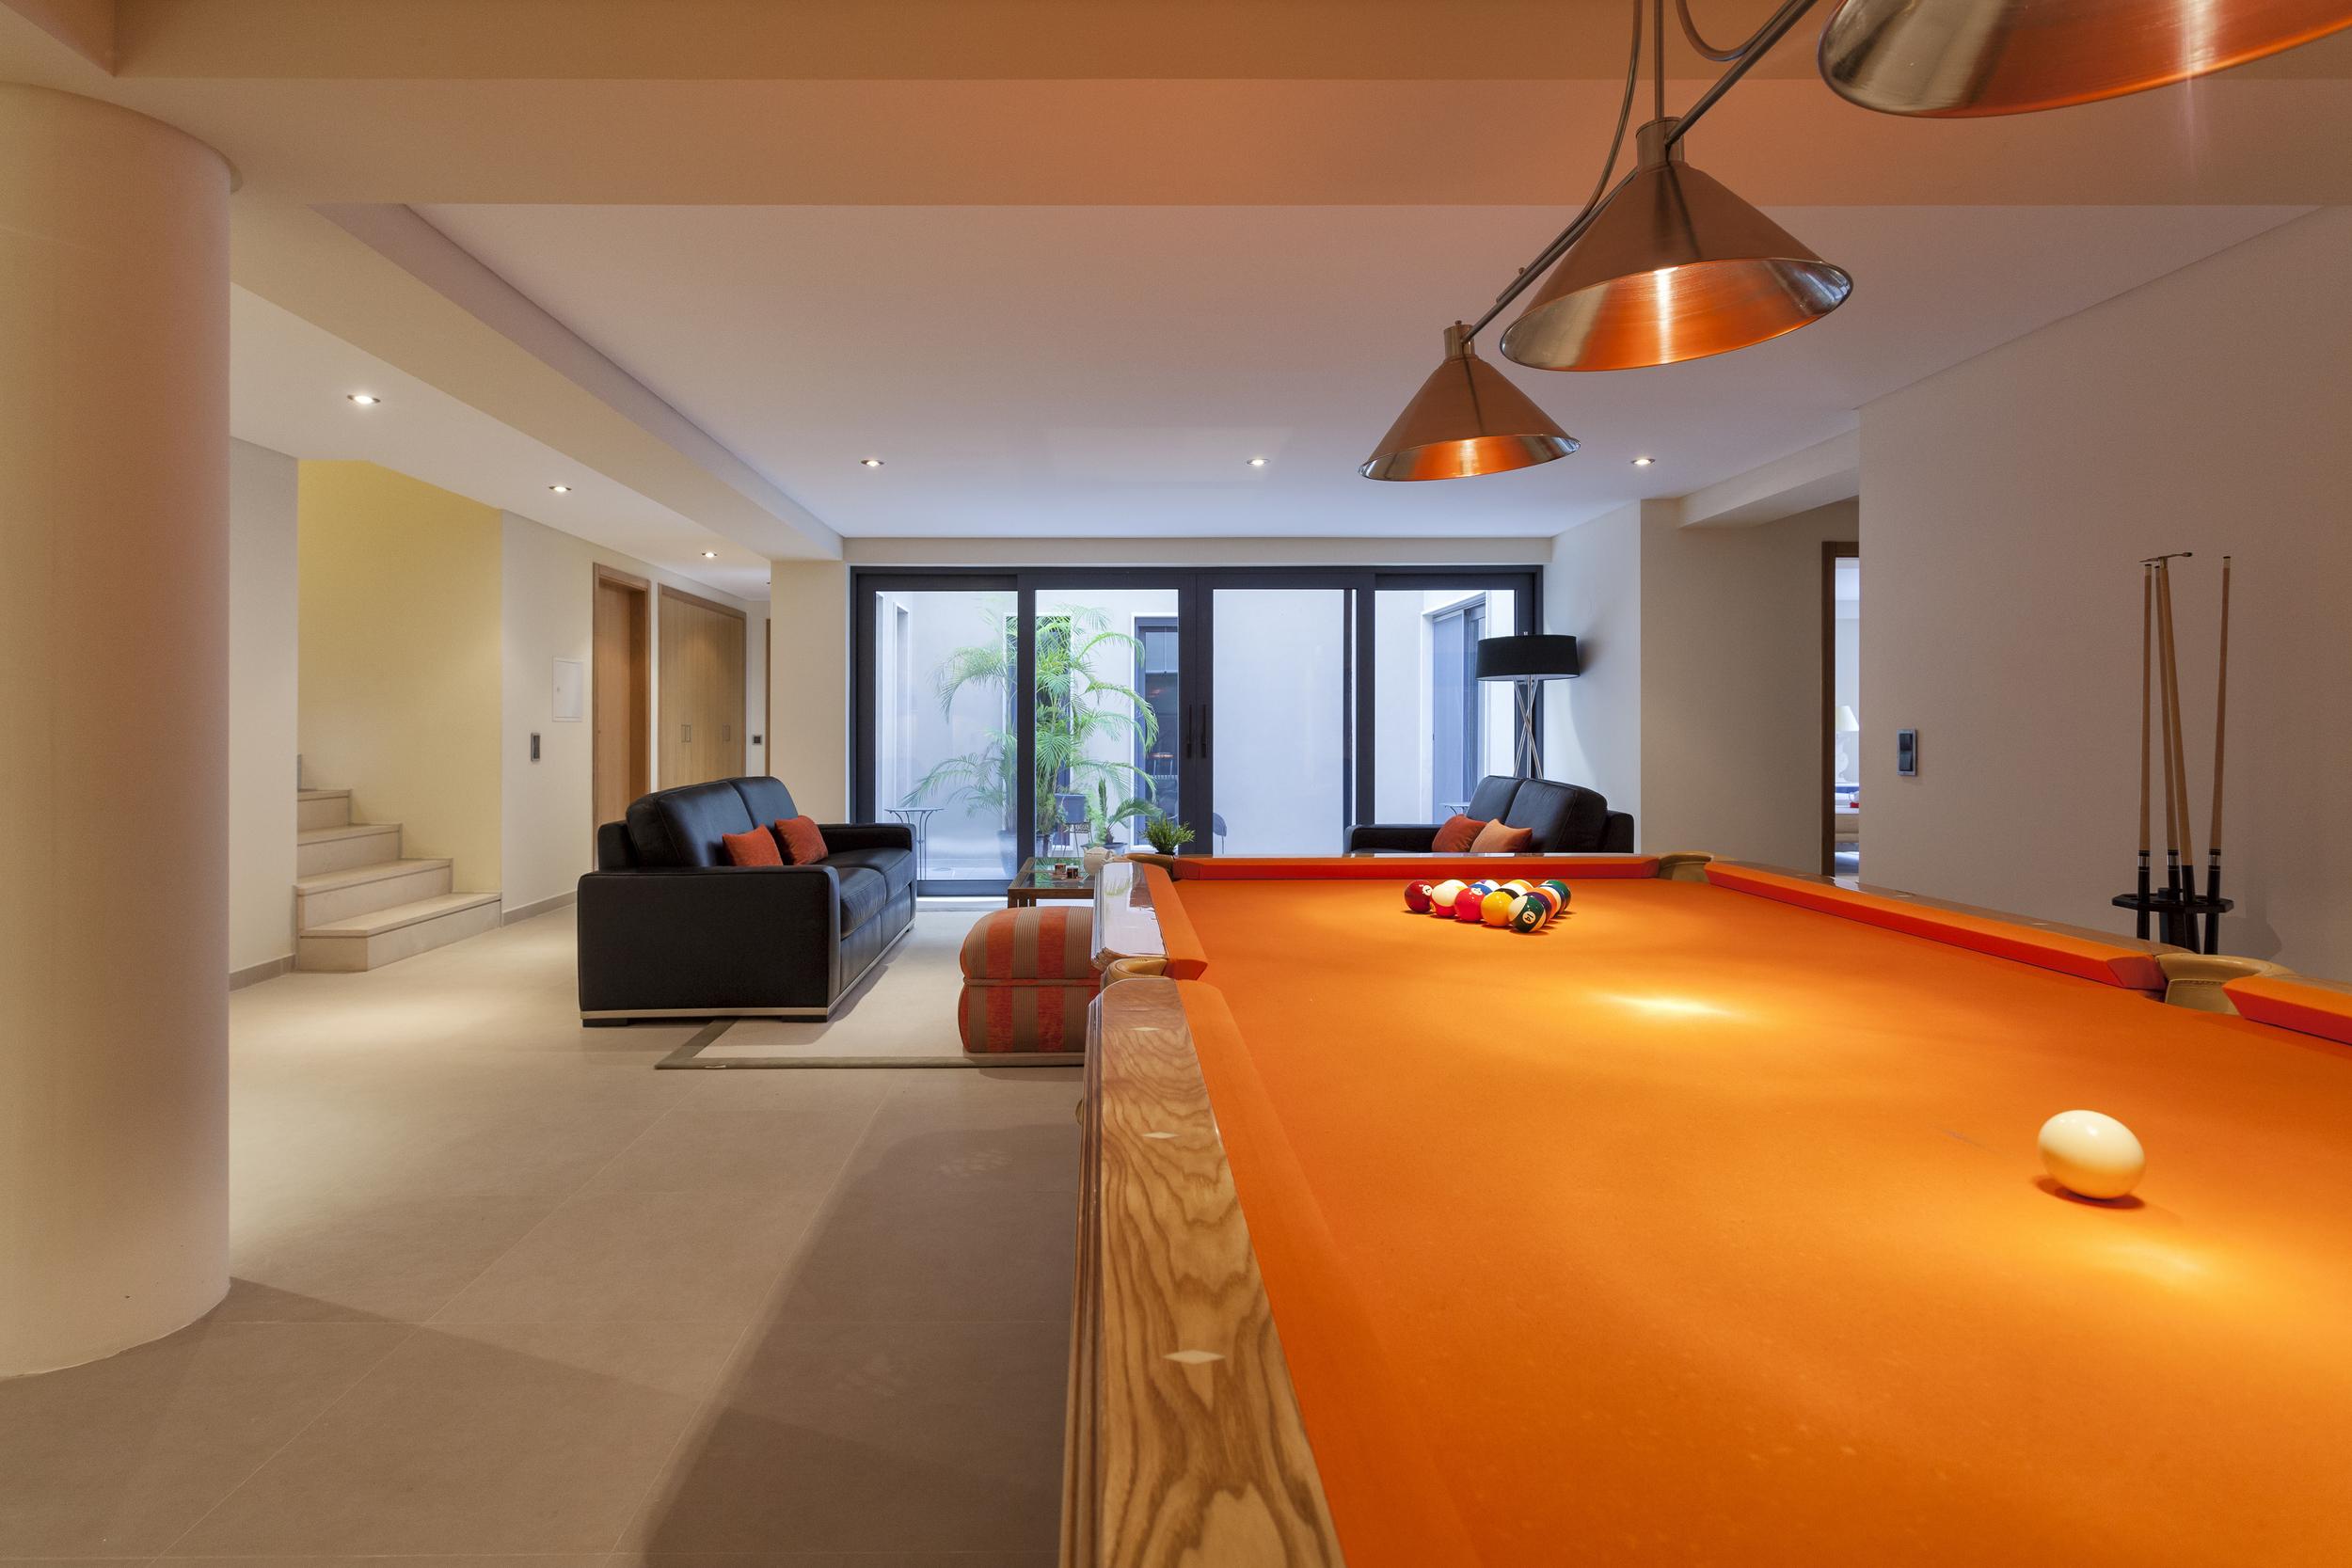 4 bedroom villa to rent in Quinta do Lago, RLV, Villa Serpentine,24.jpg